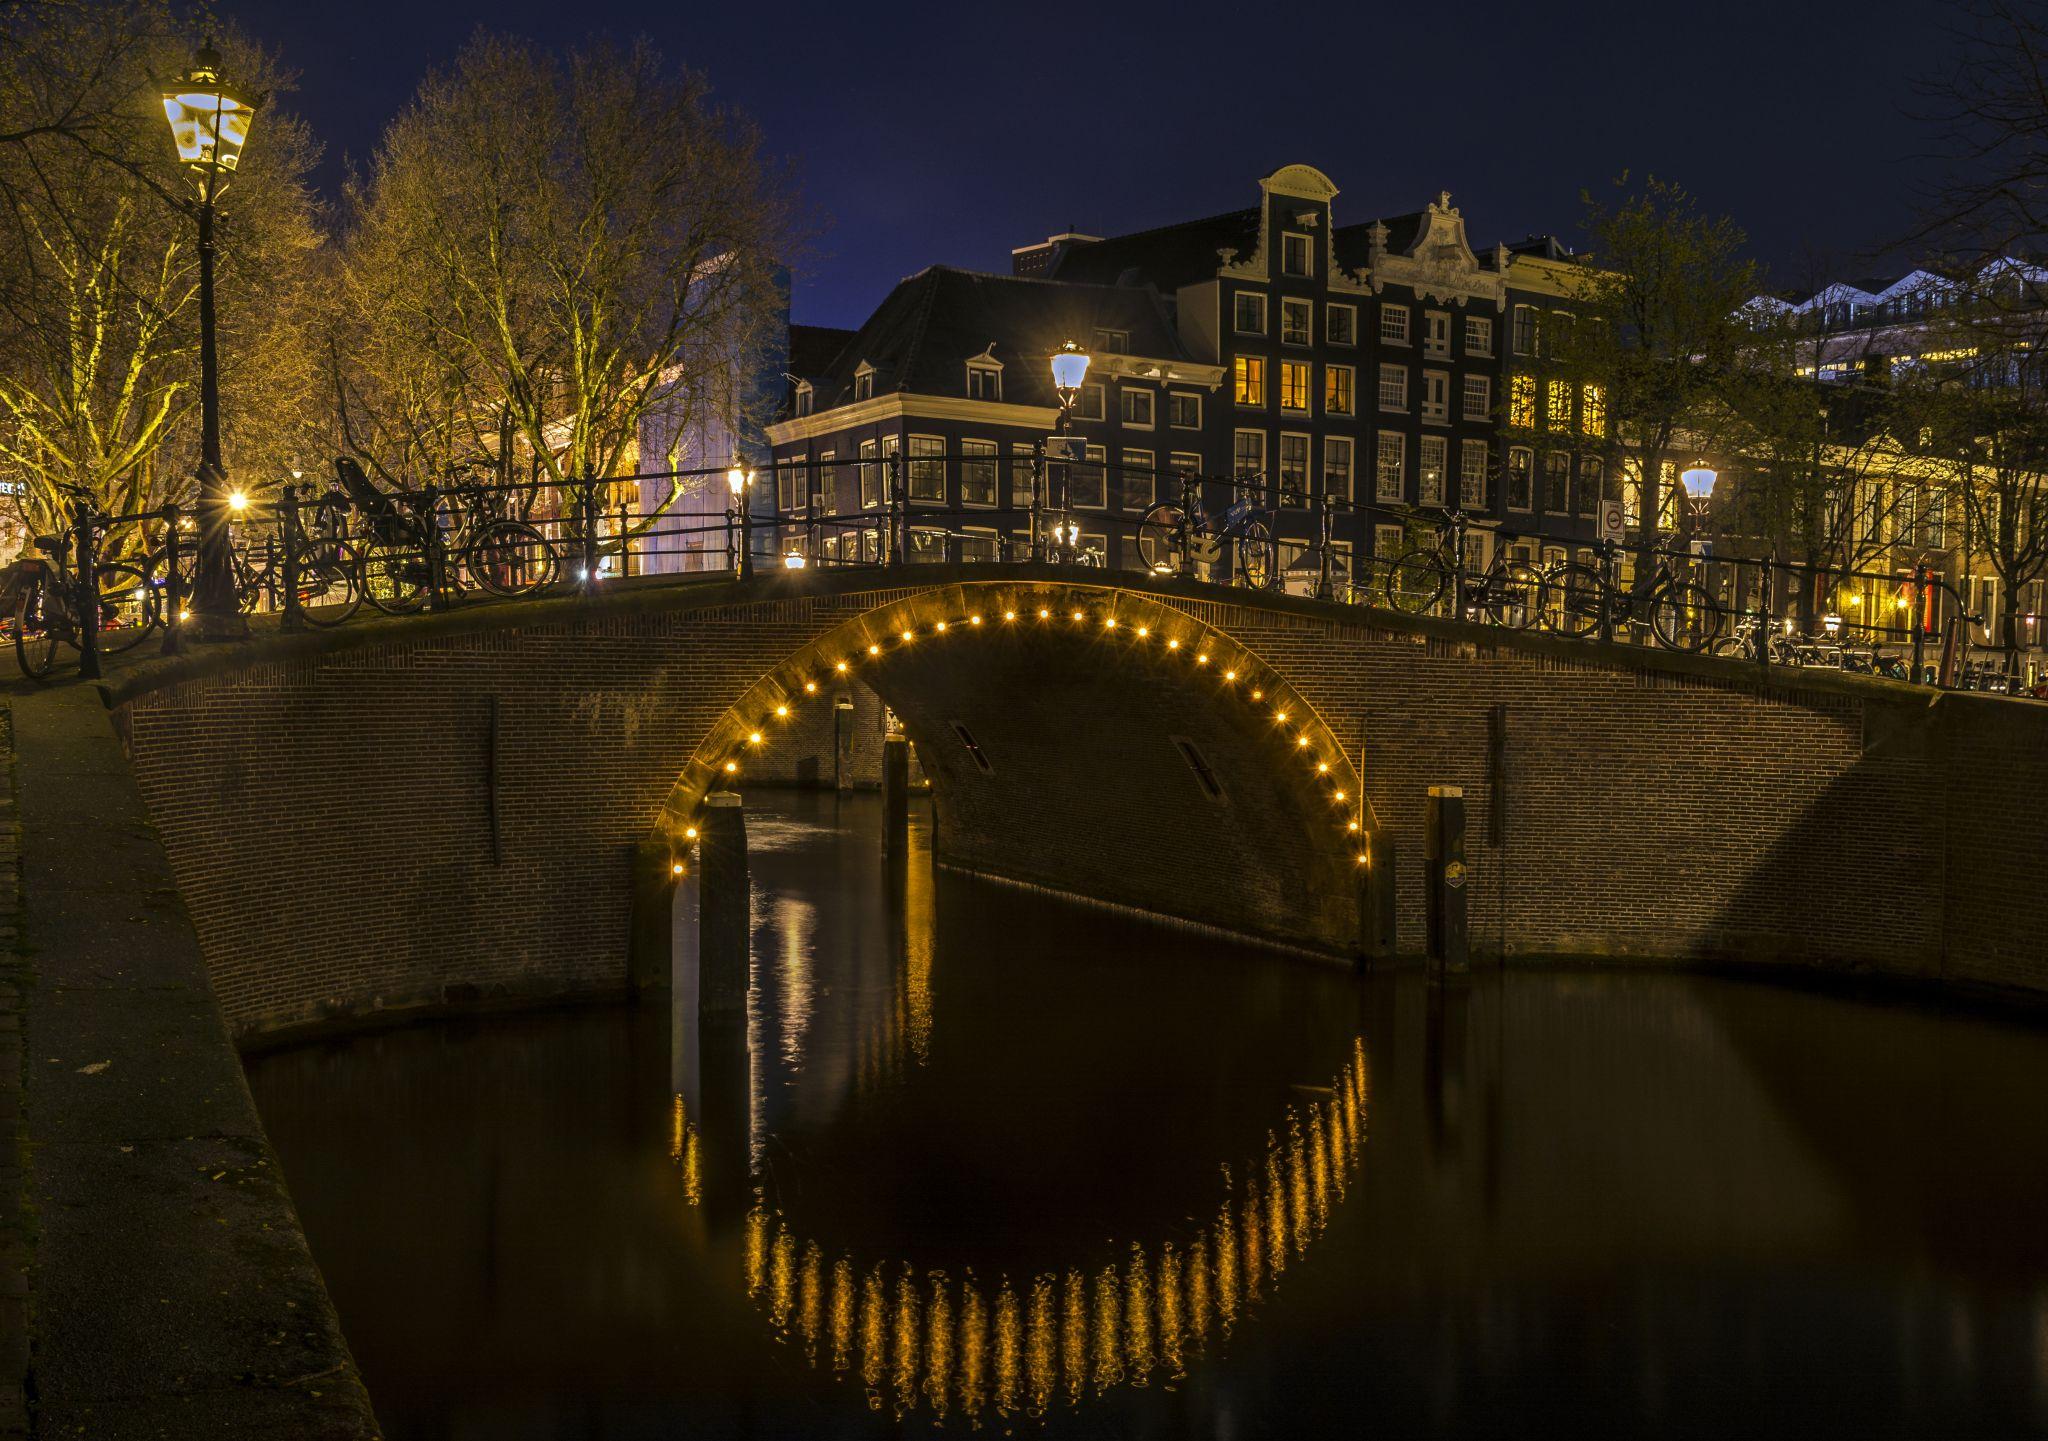 The Reguliersgracht Canal, Netherlands